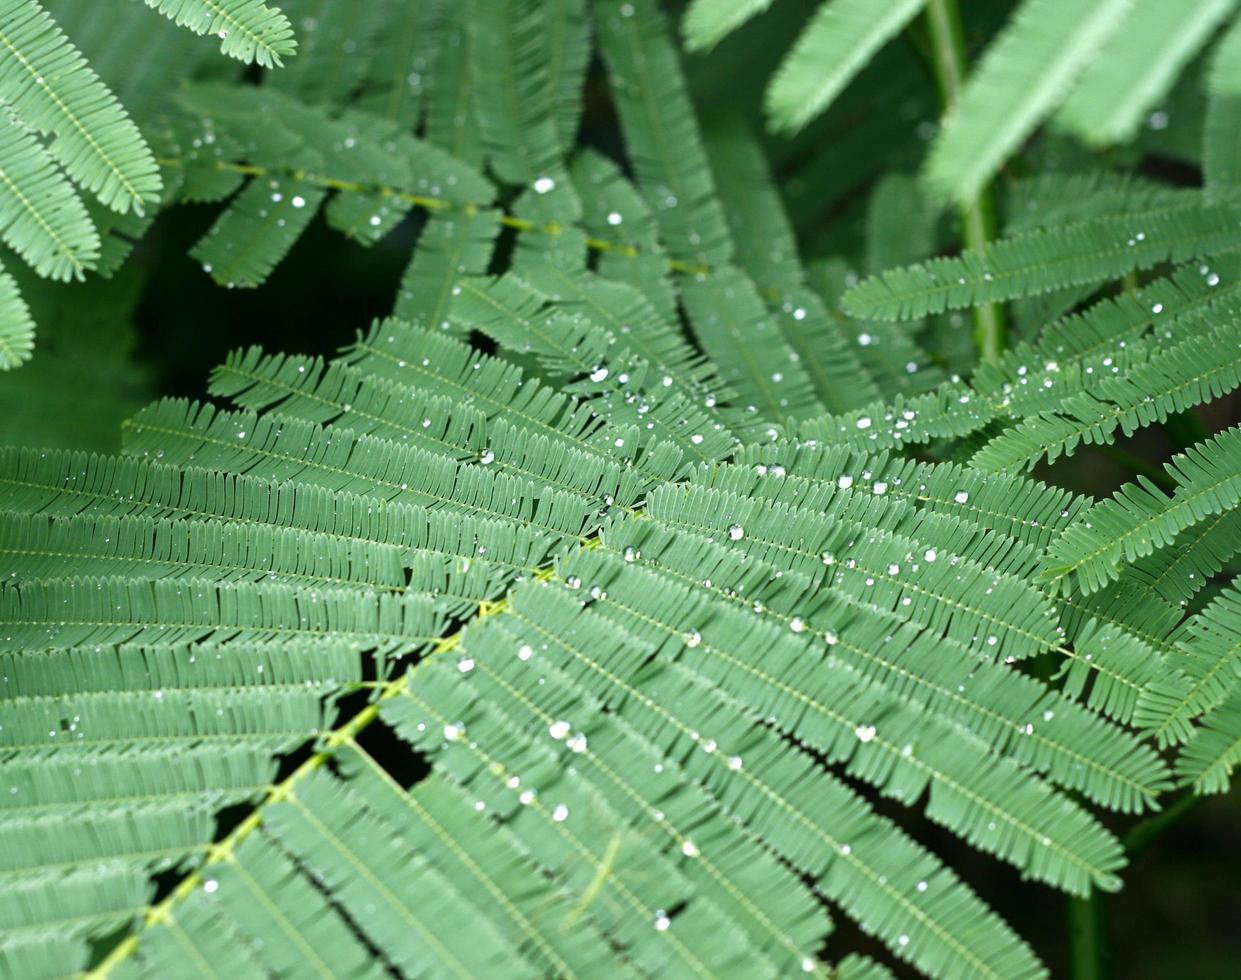 feuille verte avec goutte d'eau photo